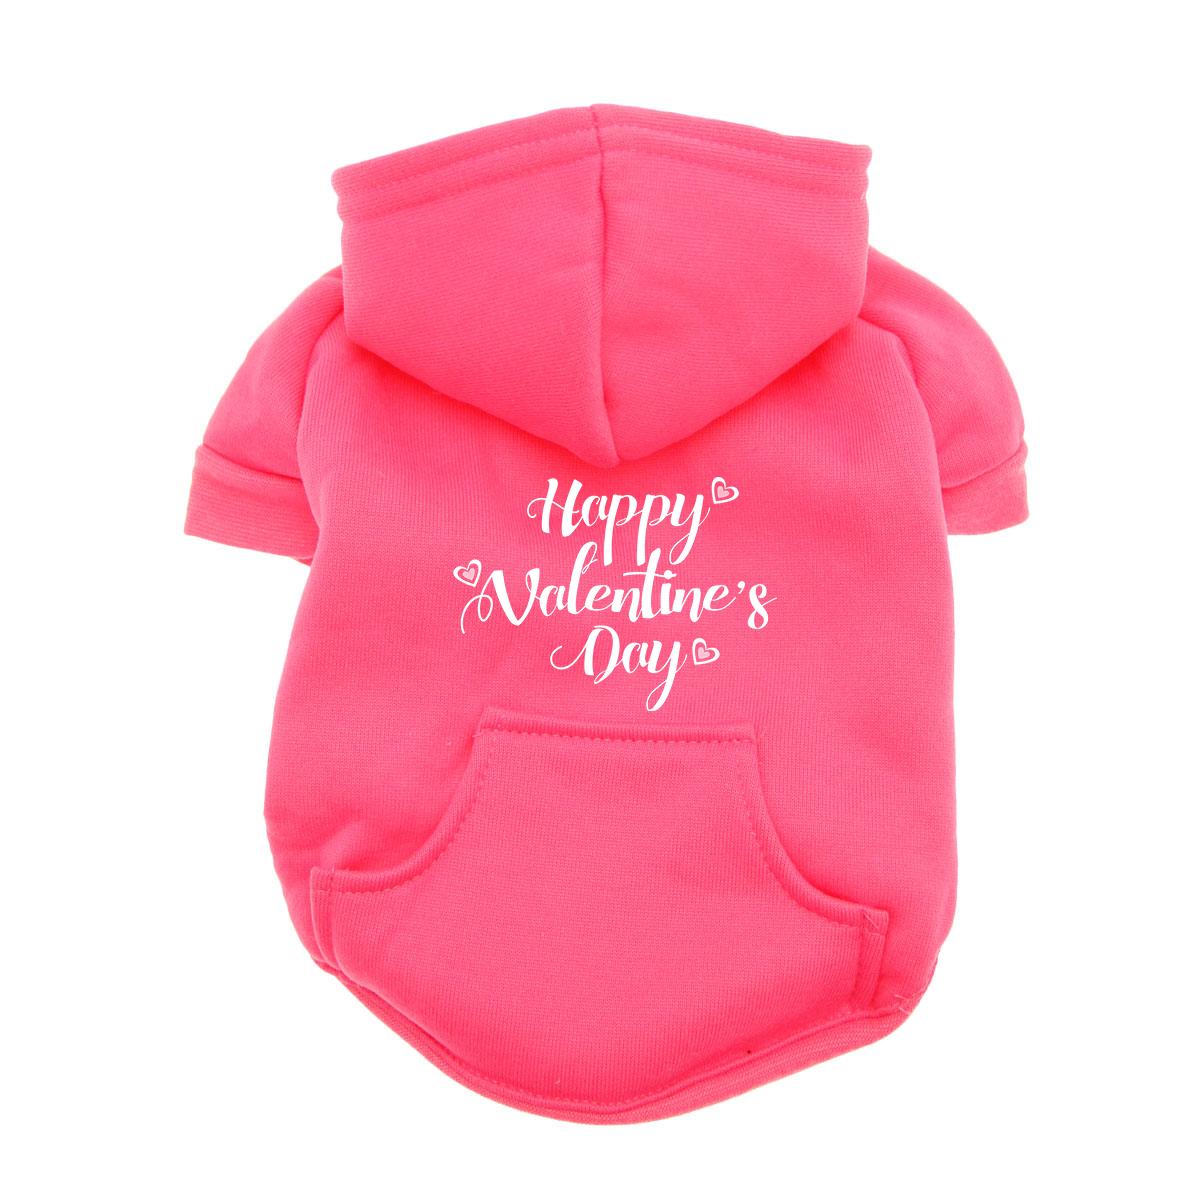 Happy Valentine's Day Dog Hoodie - Pink